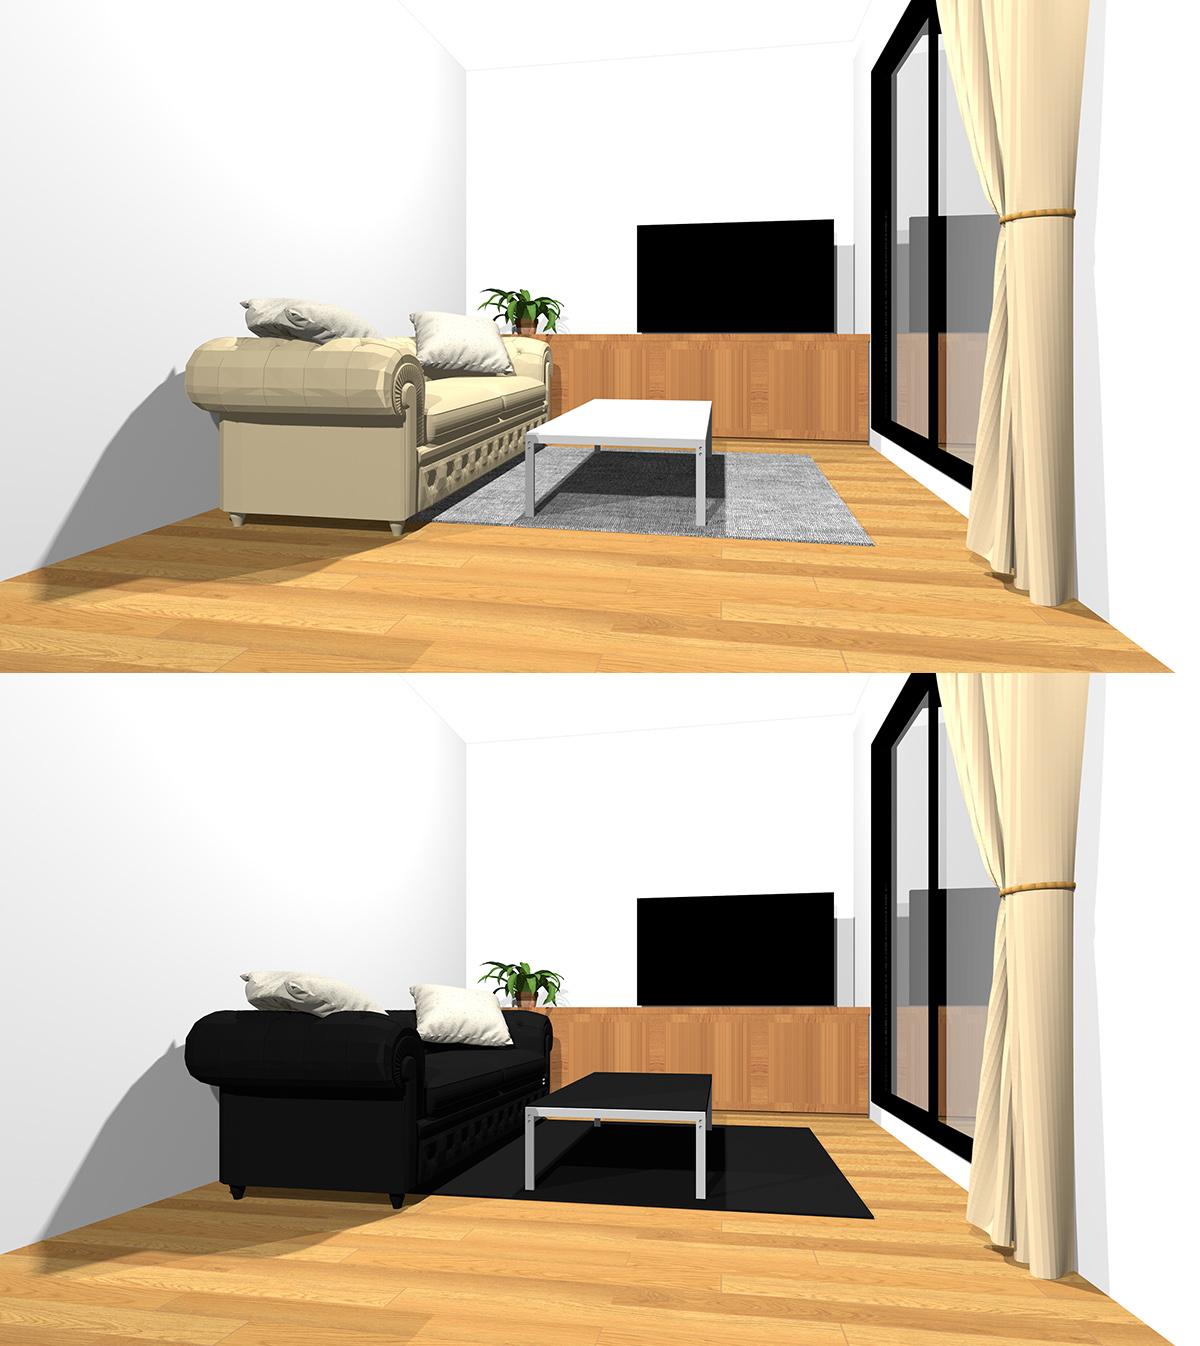 ソファ・ラグ・コーヒーテーブルを無難な配色でまとめたリビングと黒でまとめたリビングの比較